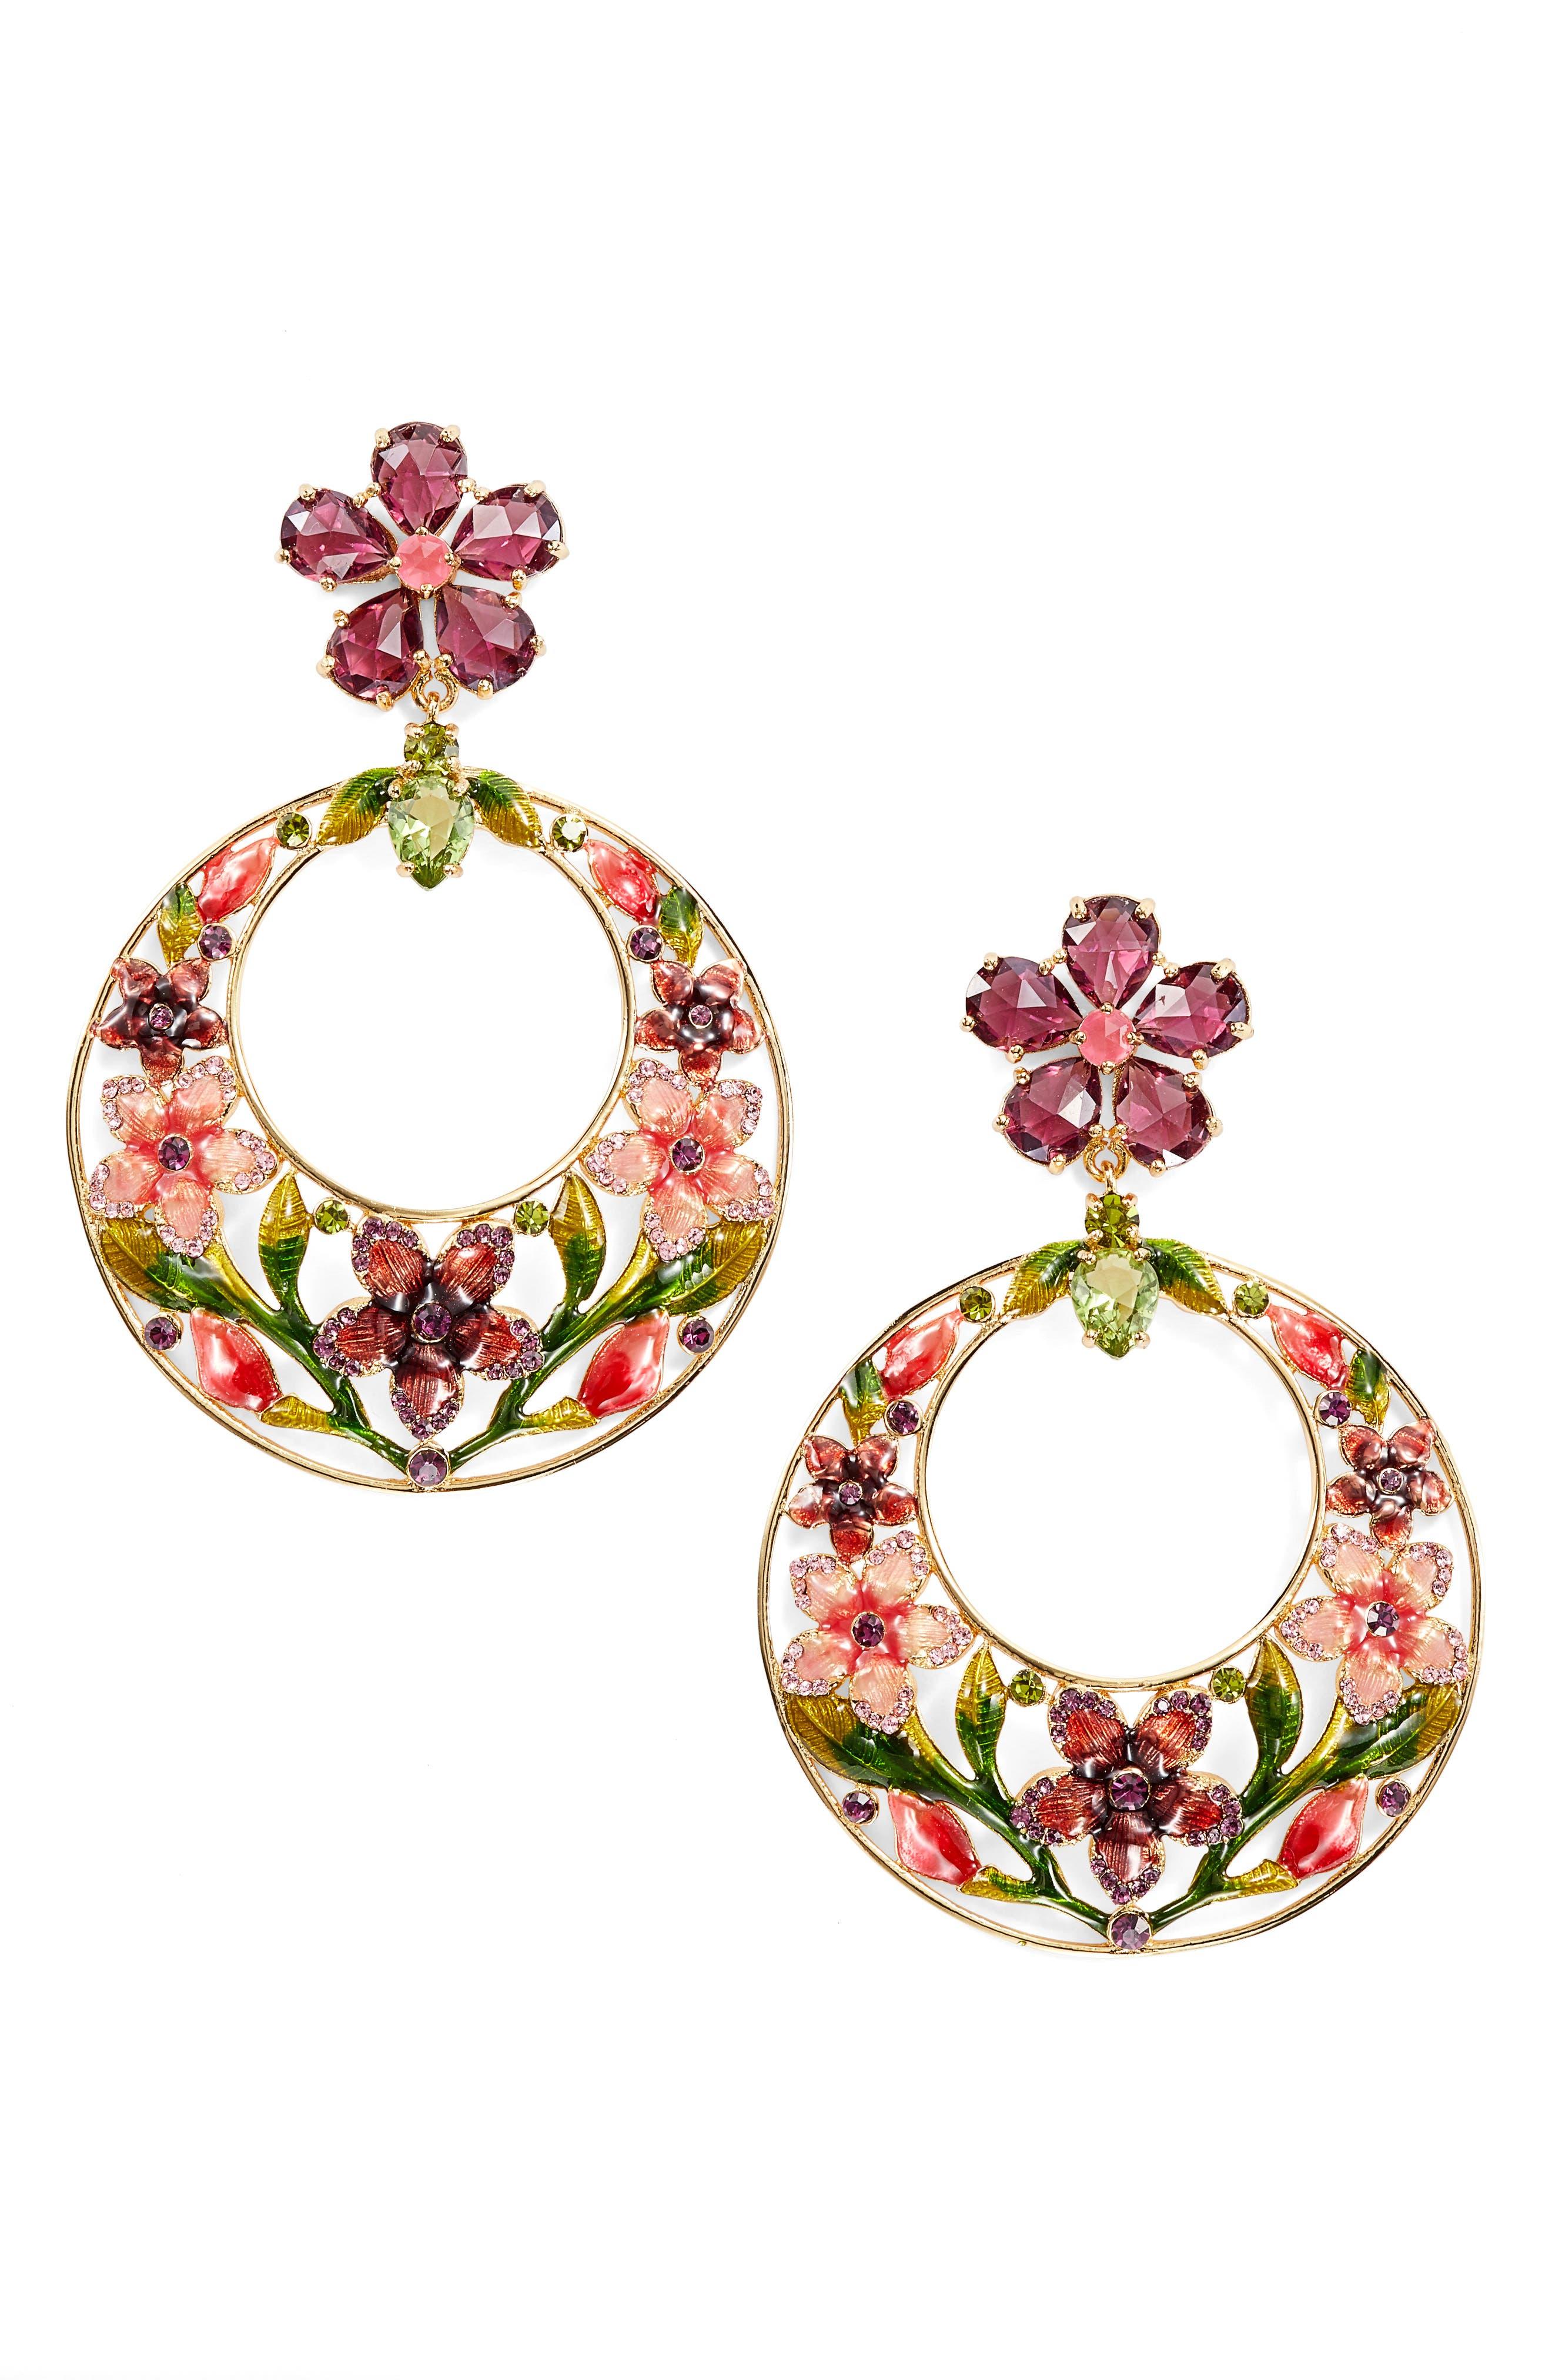 kate spade new york in full bloom drop earrings